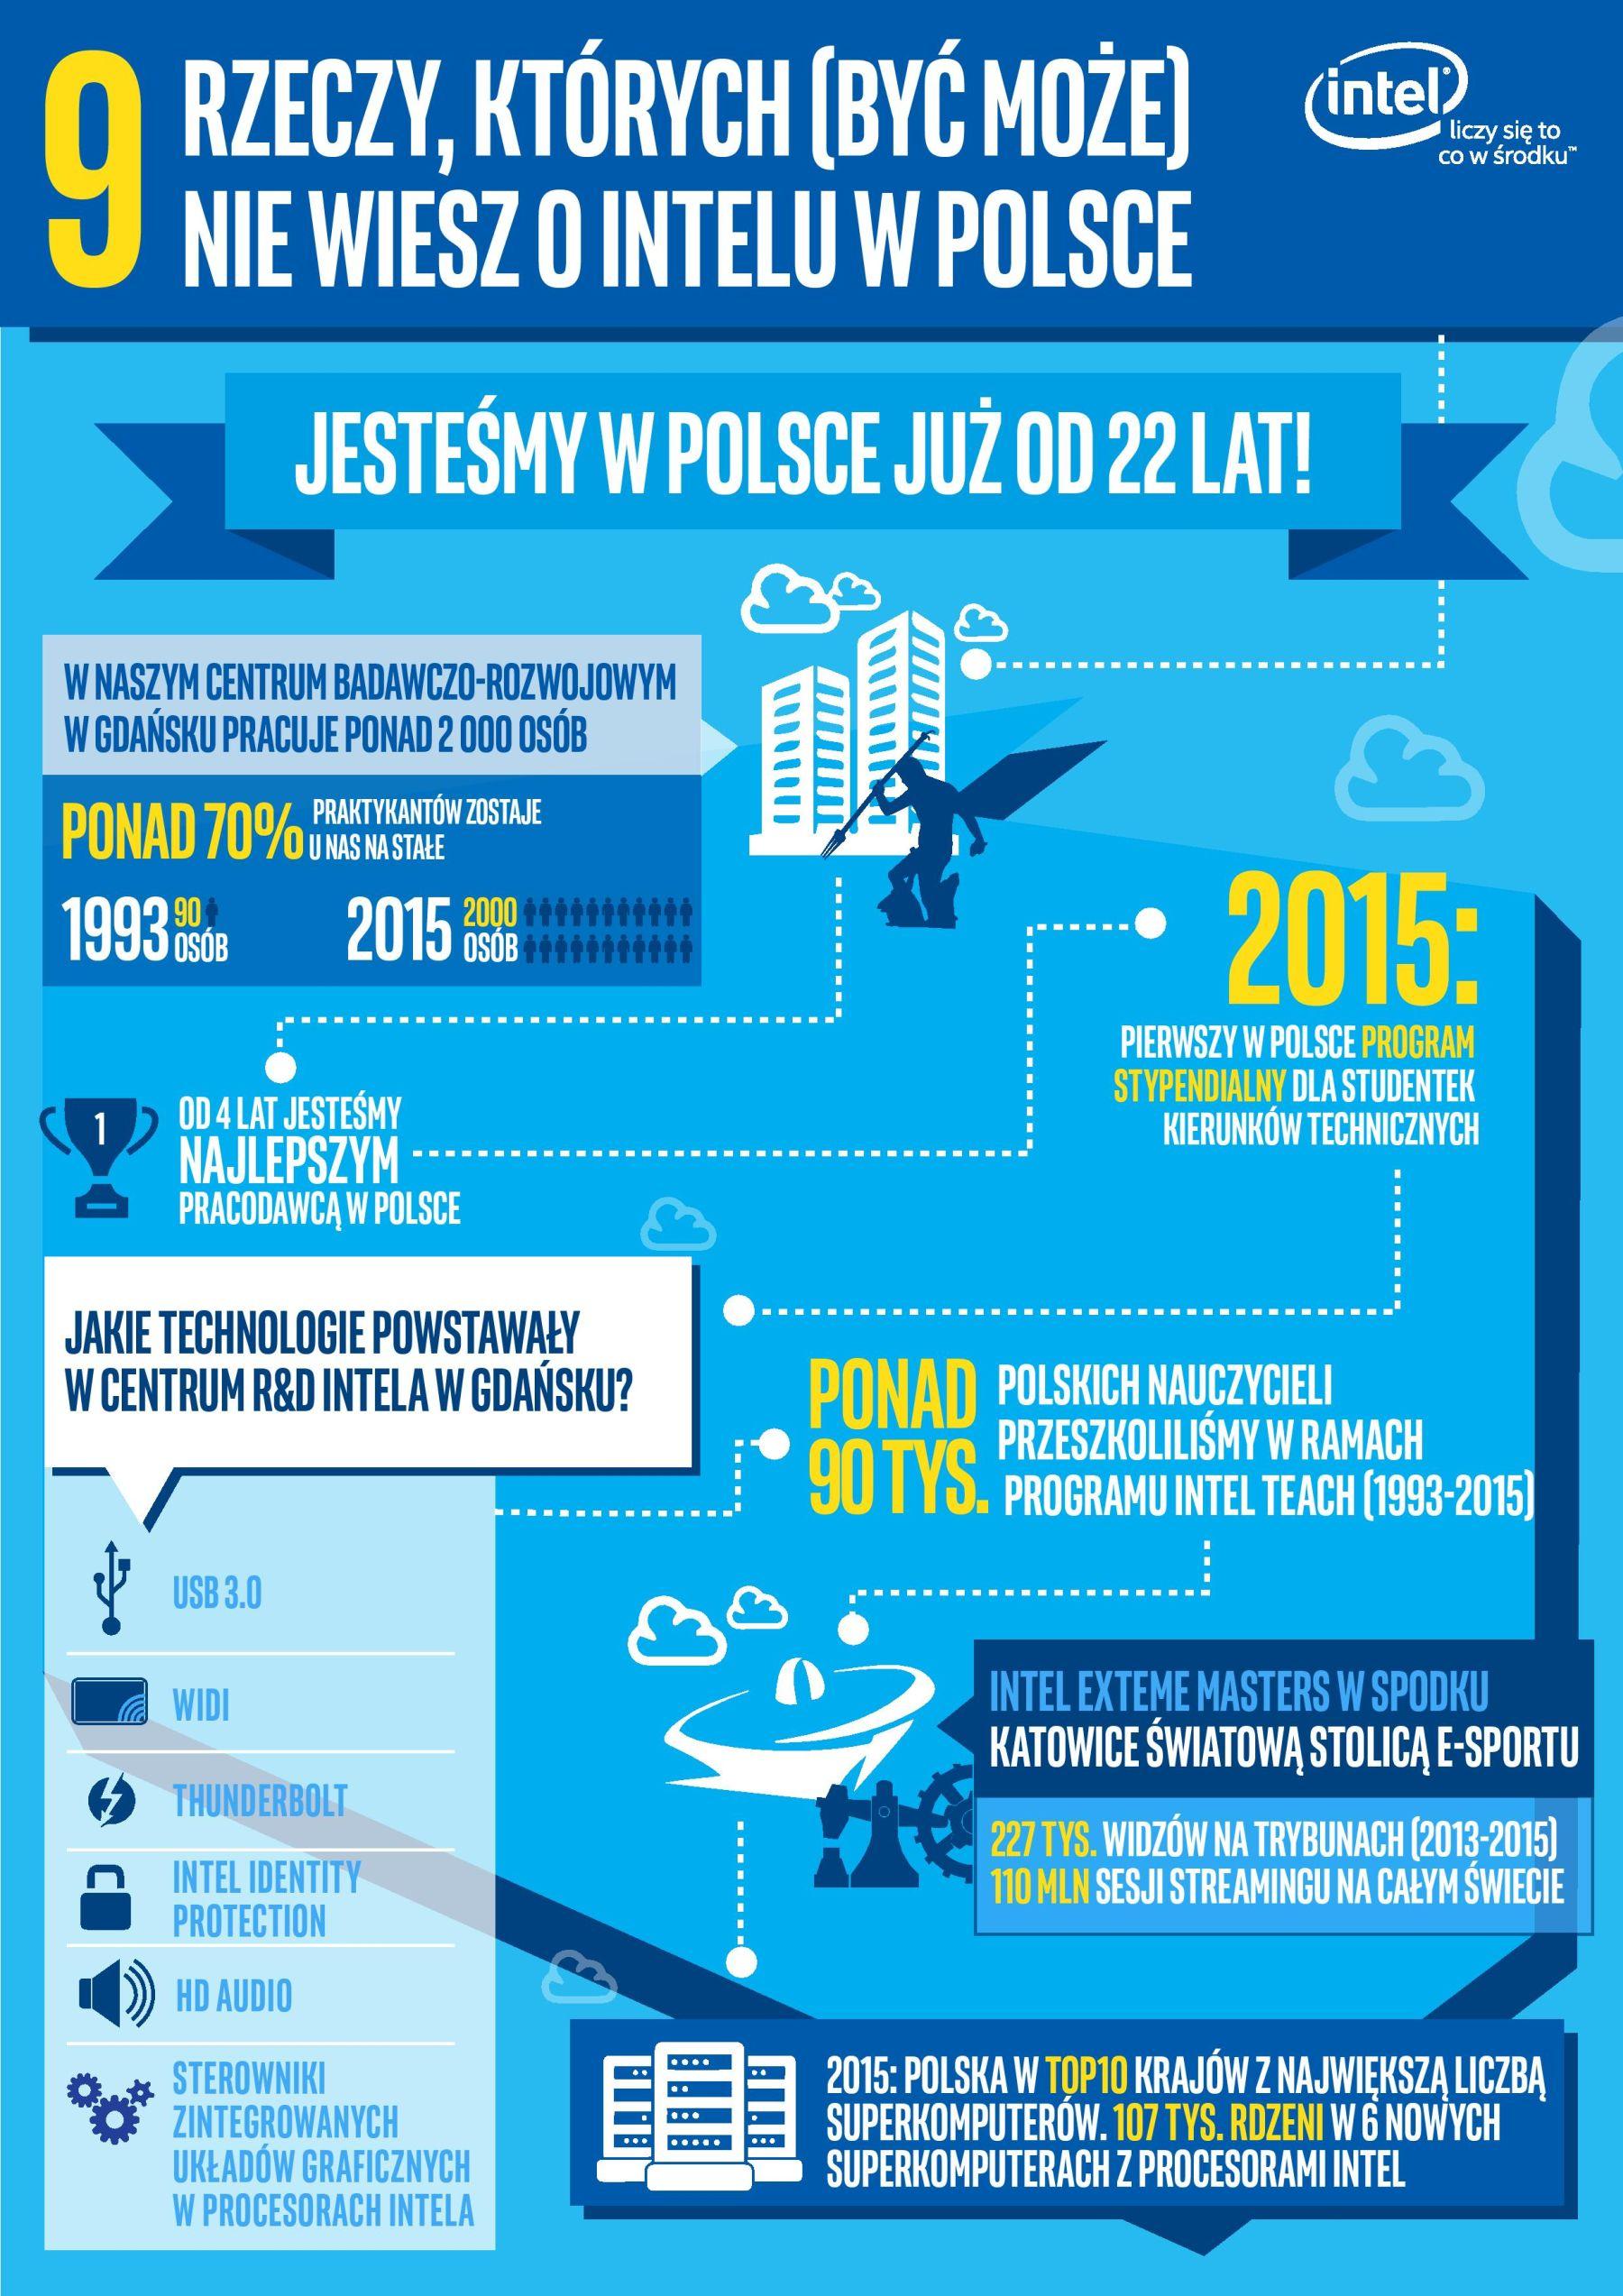 infografika_intel w polsce-page-0011